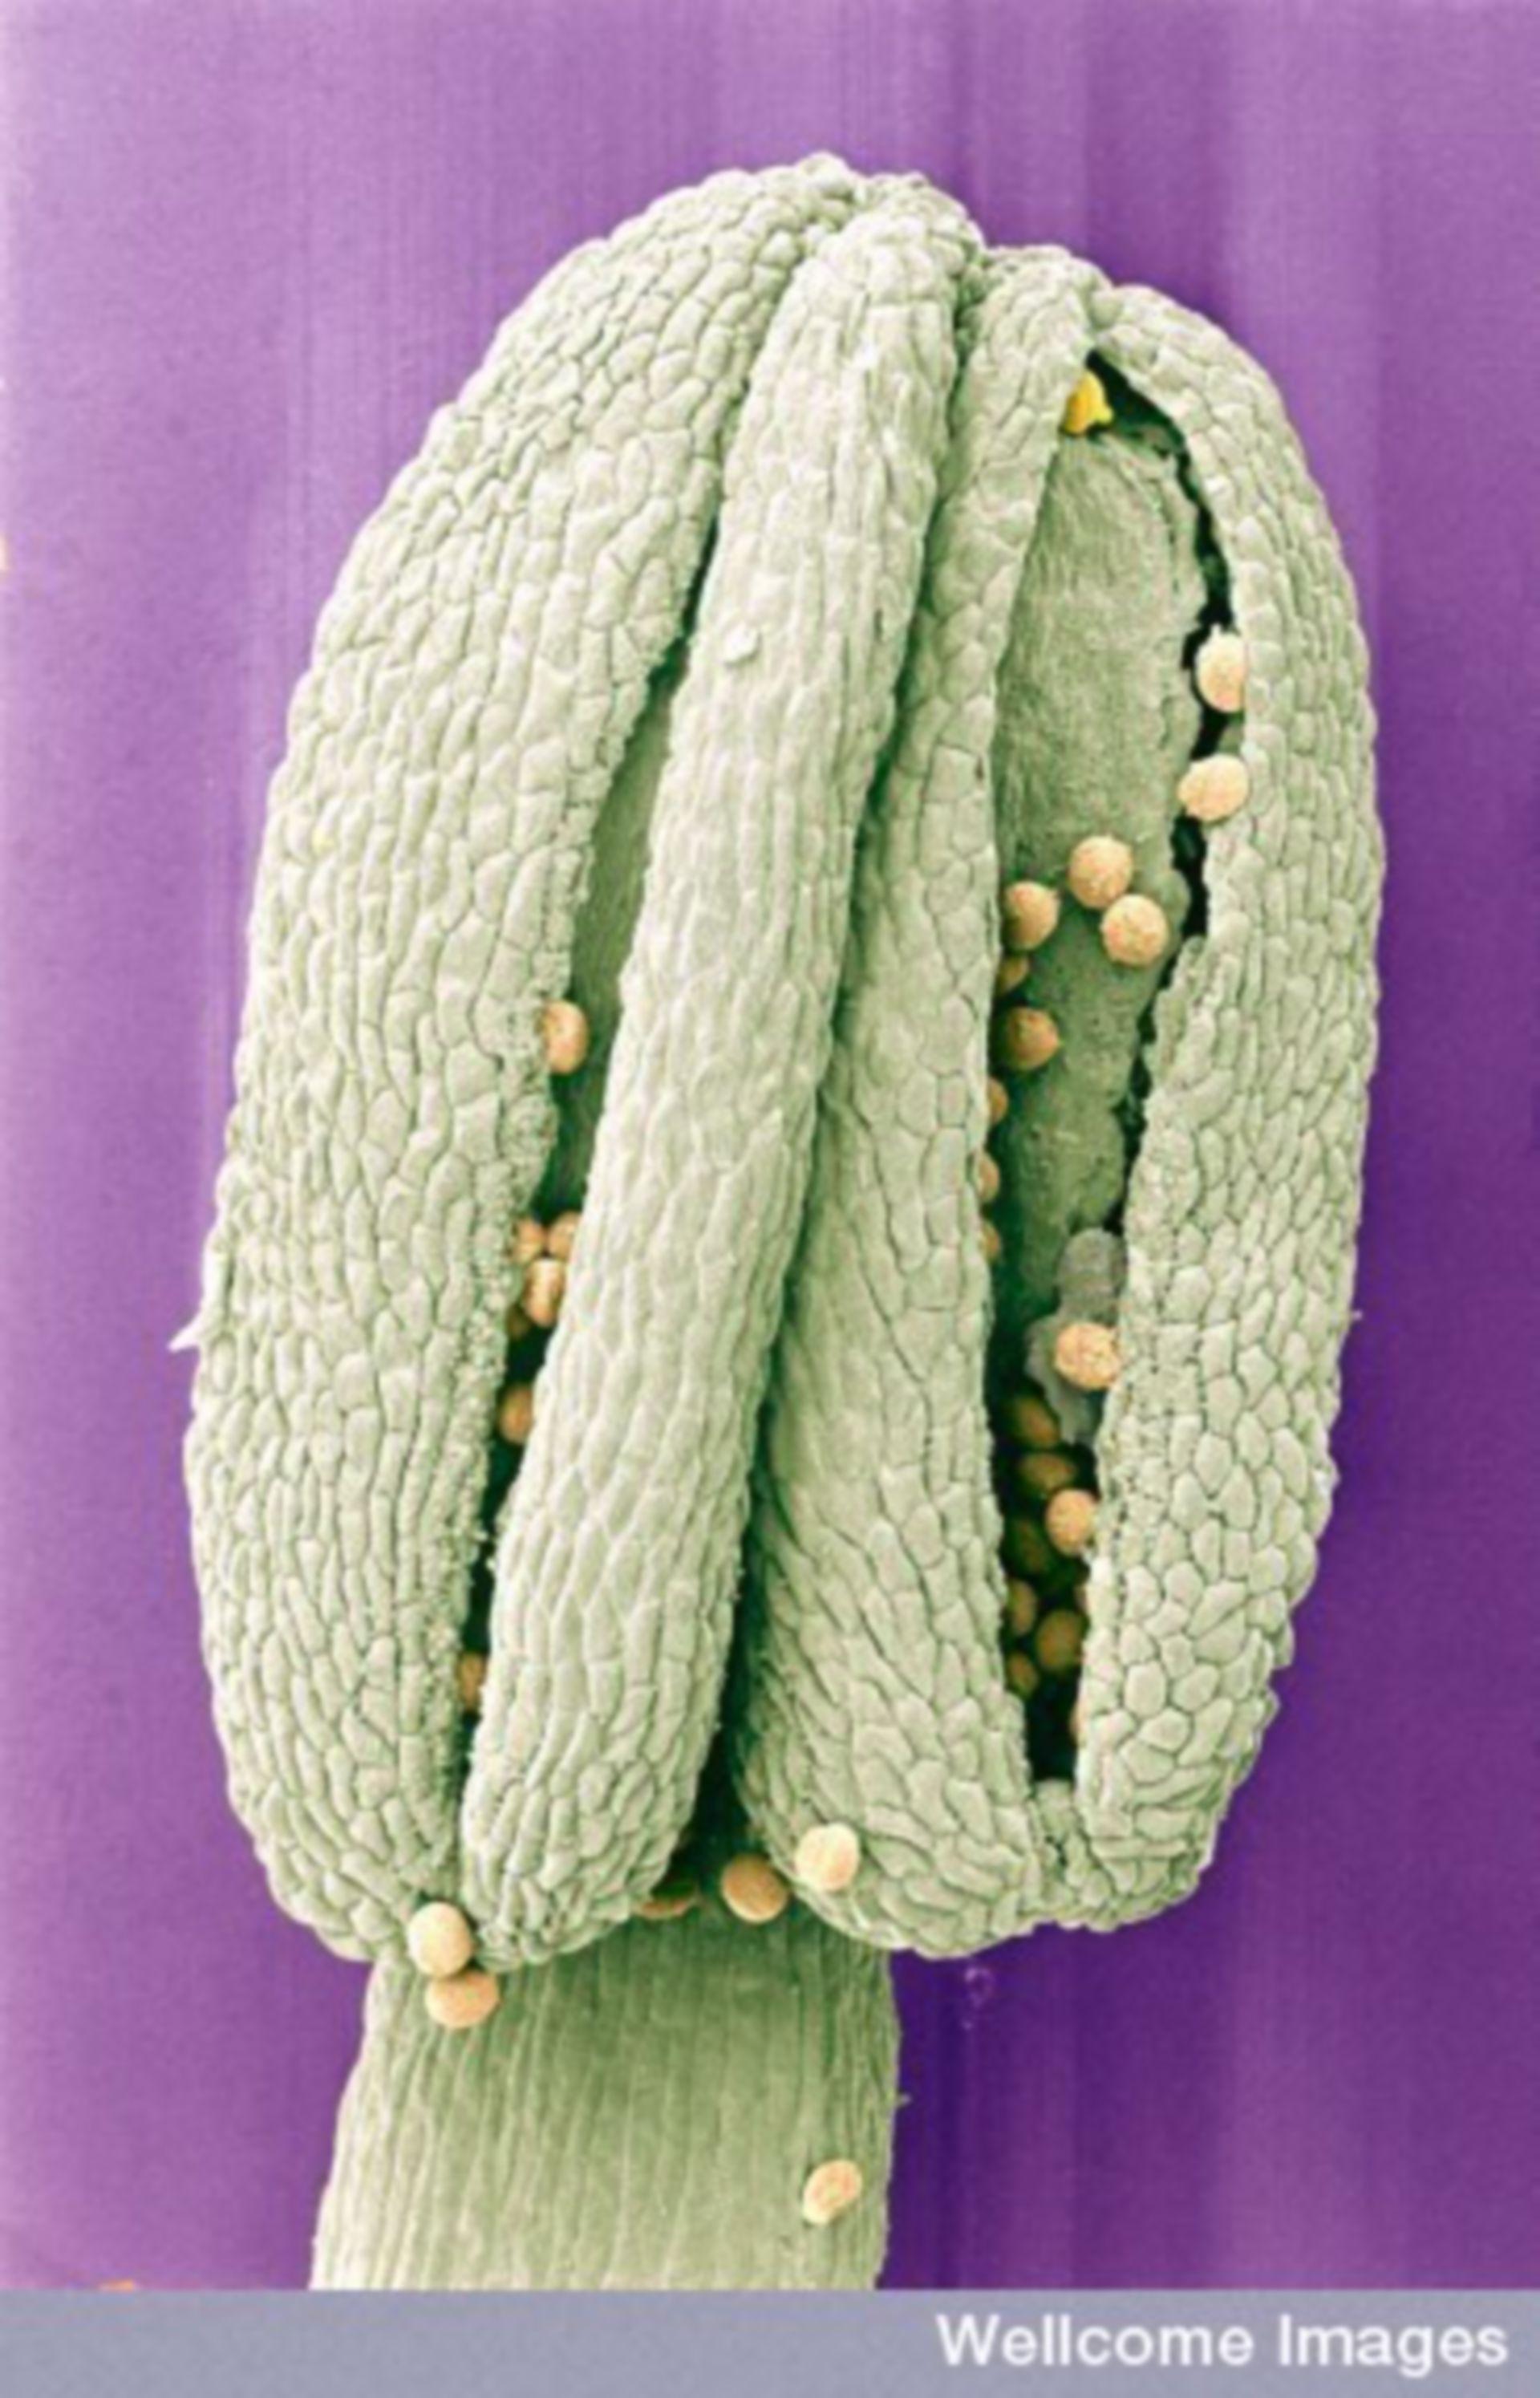 Micrografia elettronica a scansione: polline su fiore di erba cornacchia comune